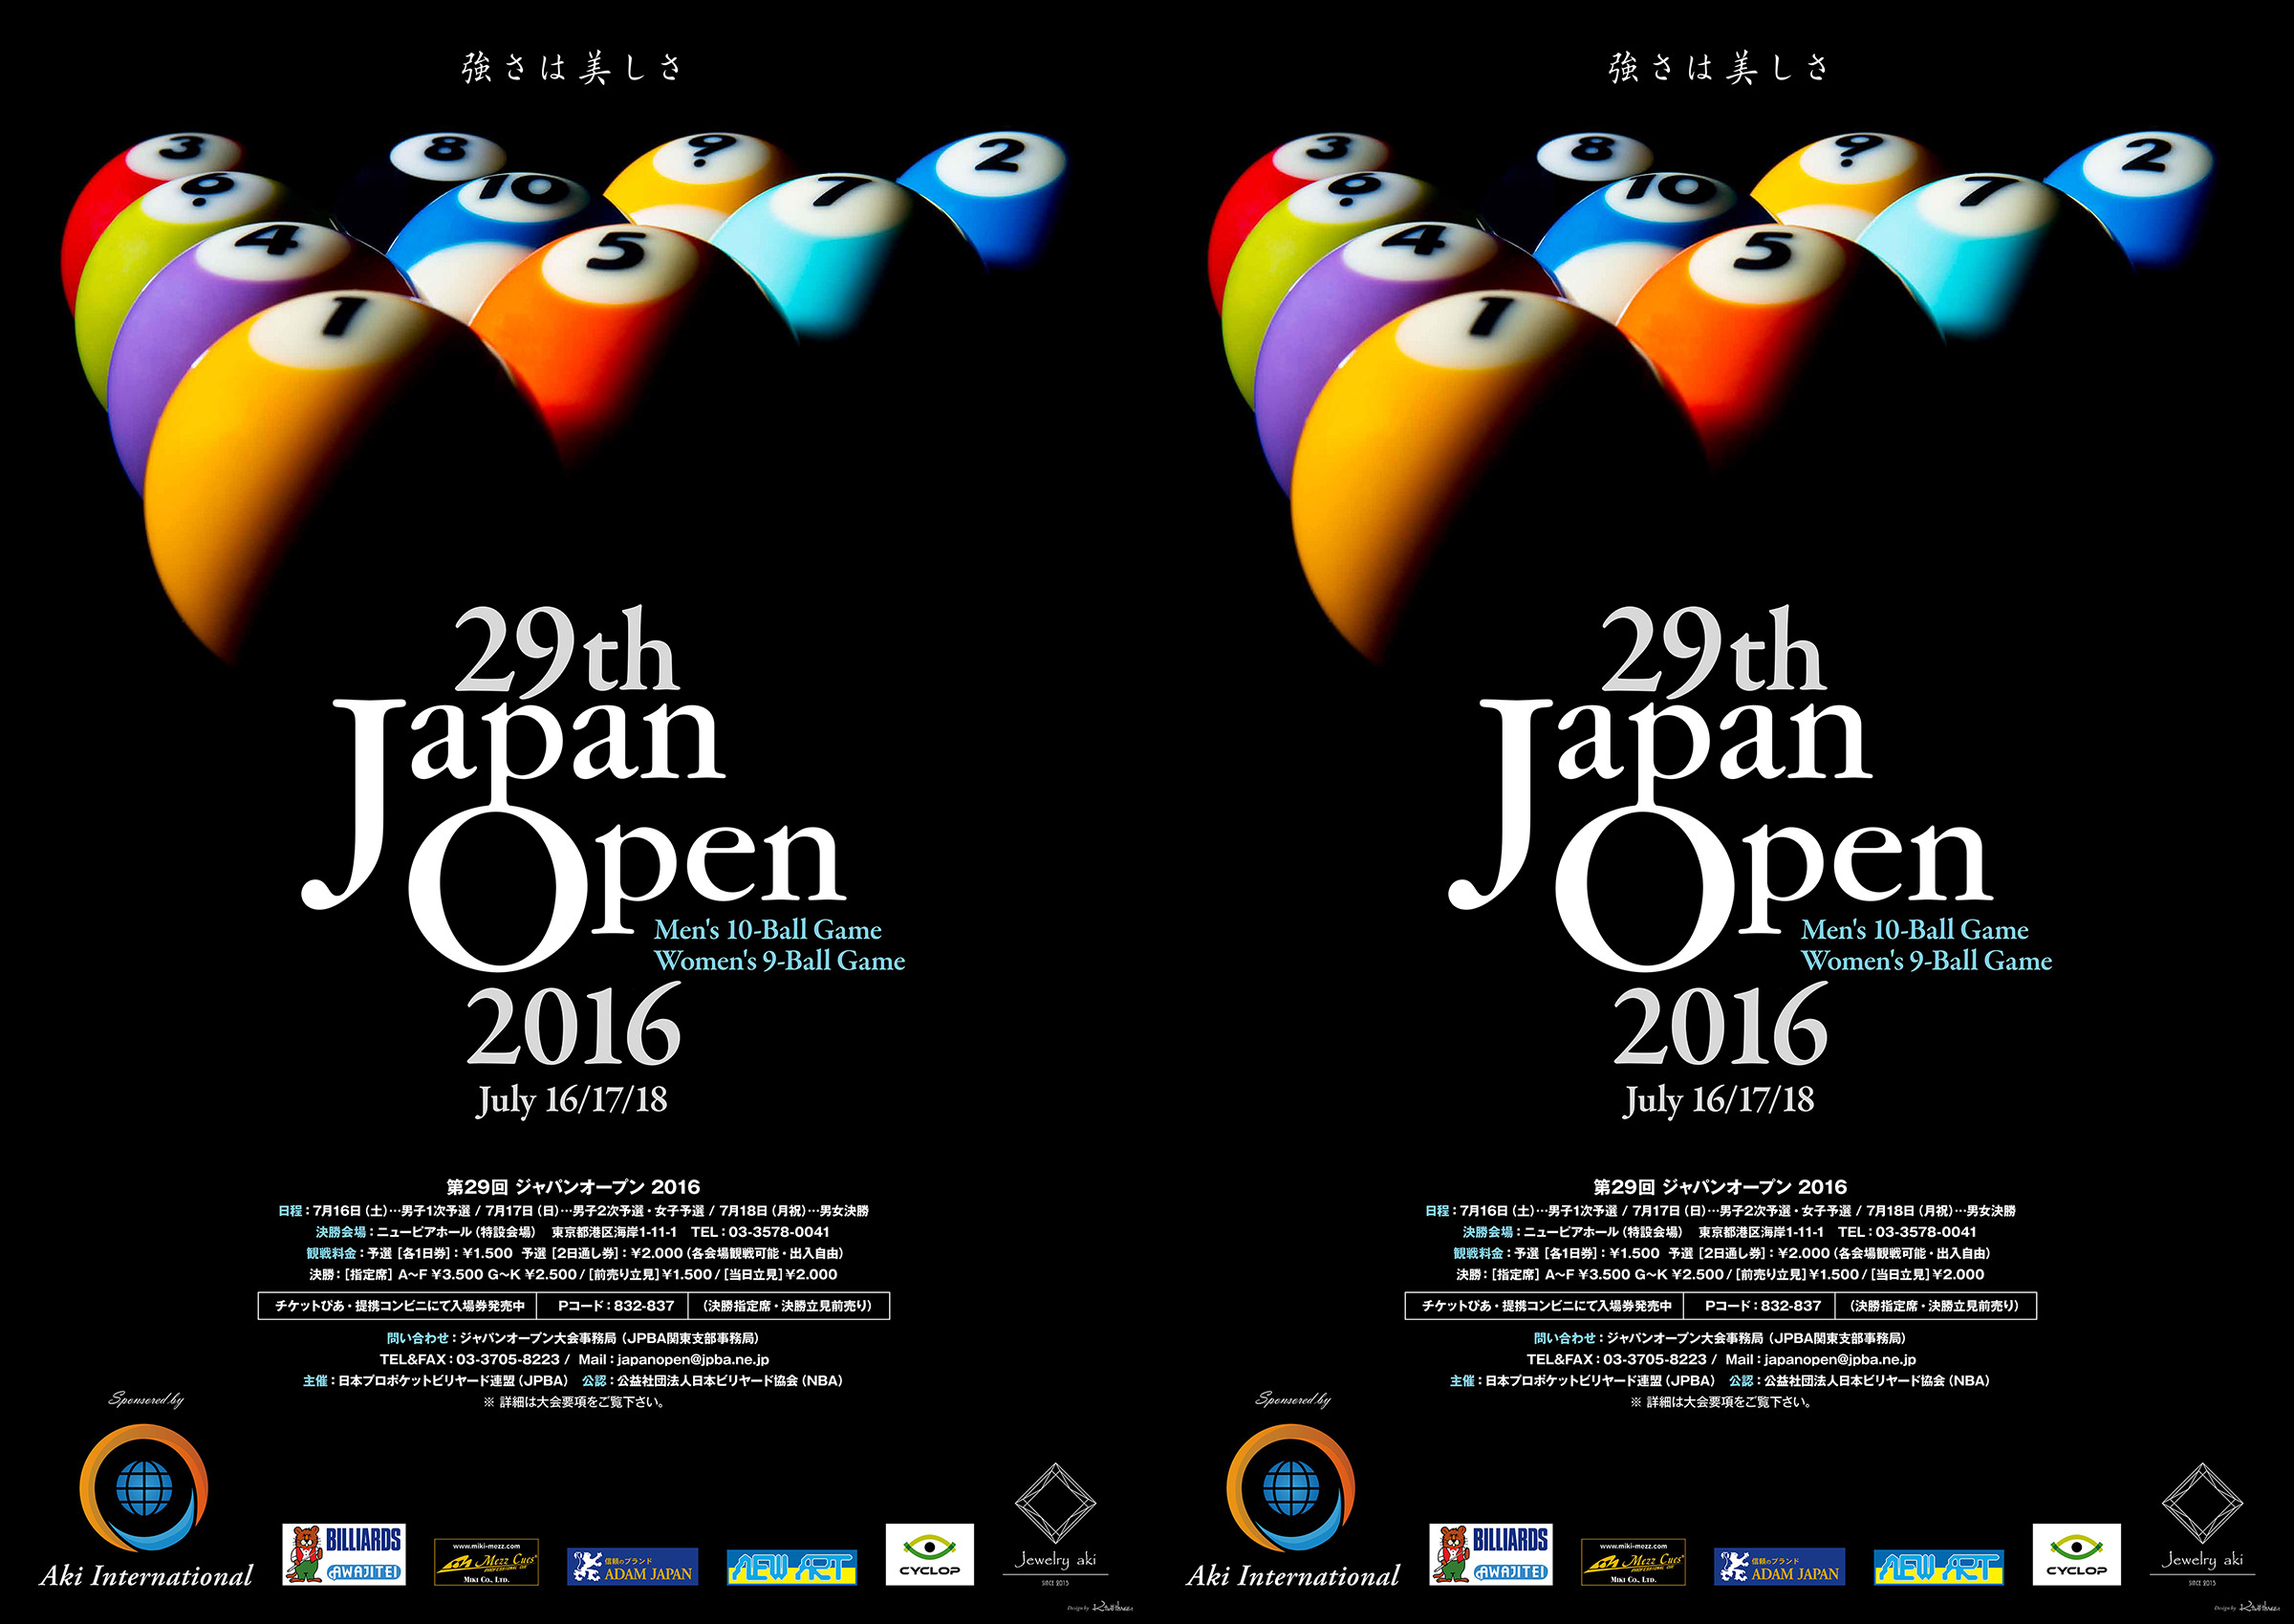 2016_jo_A1pos-up3_01